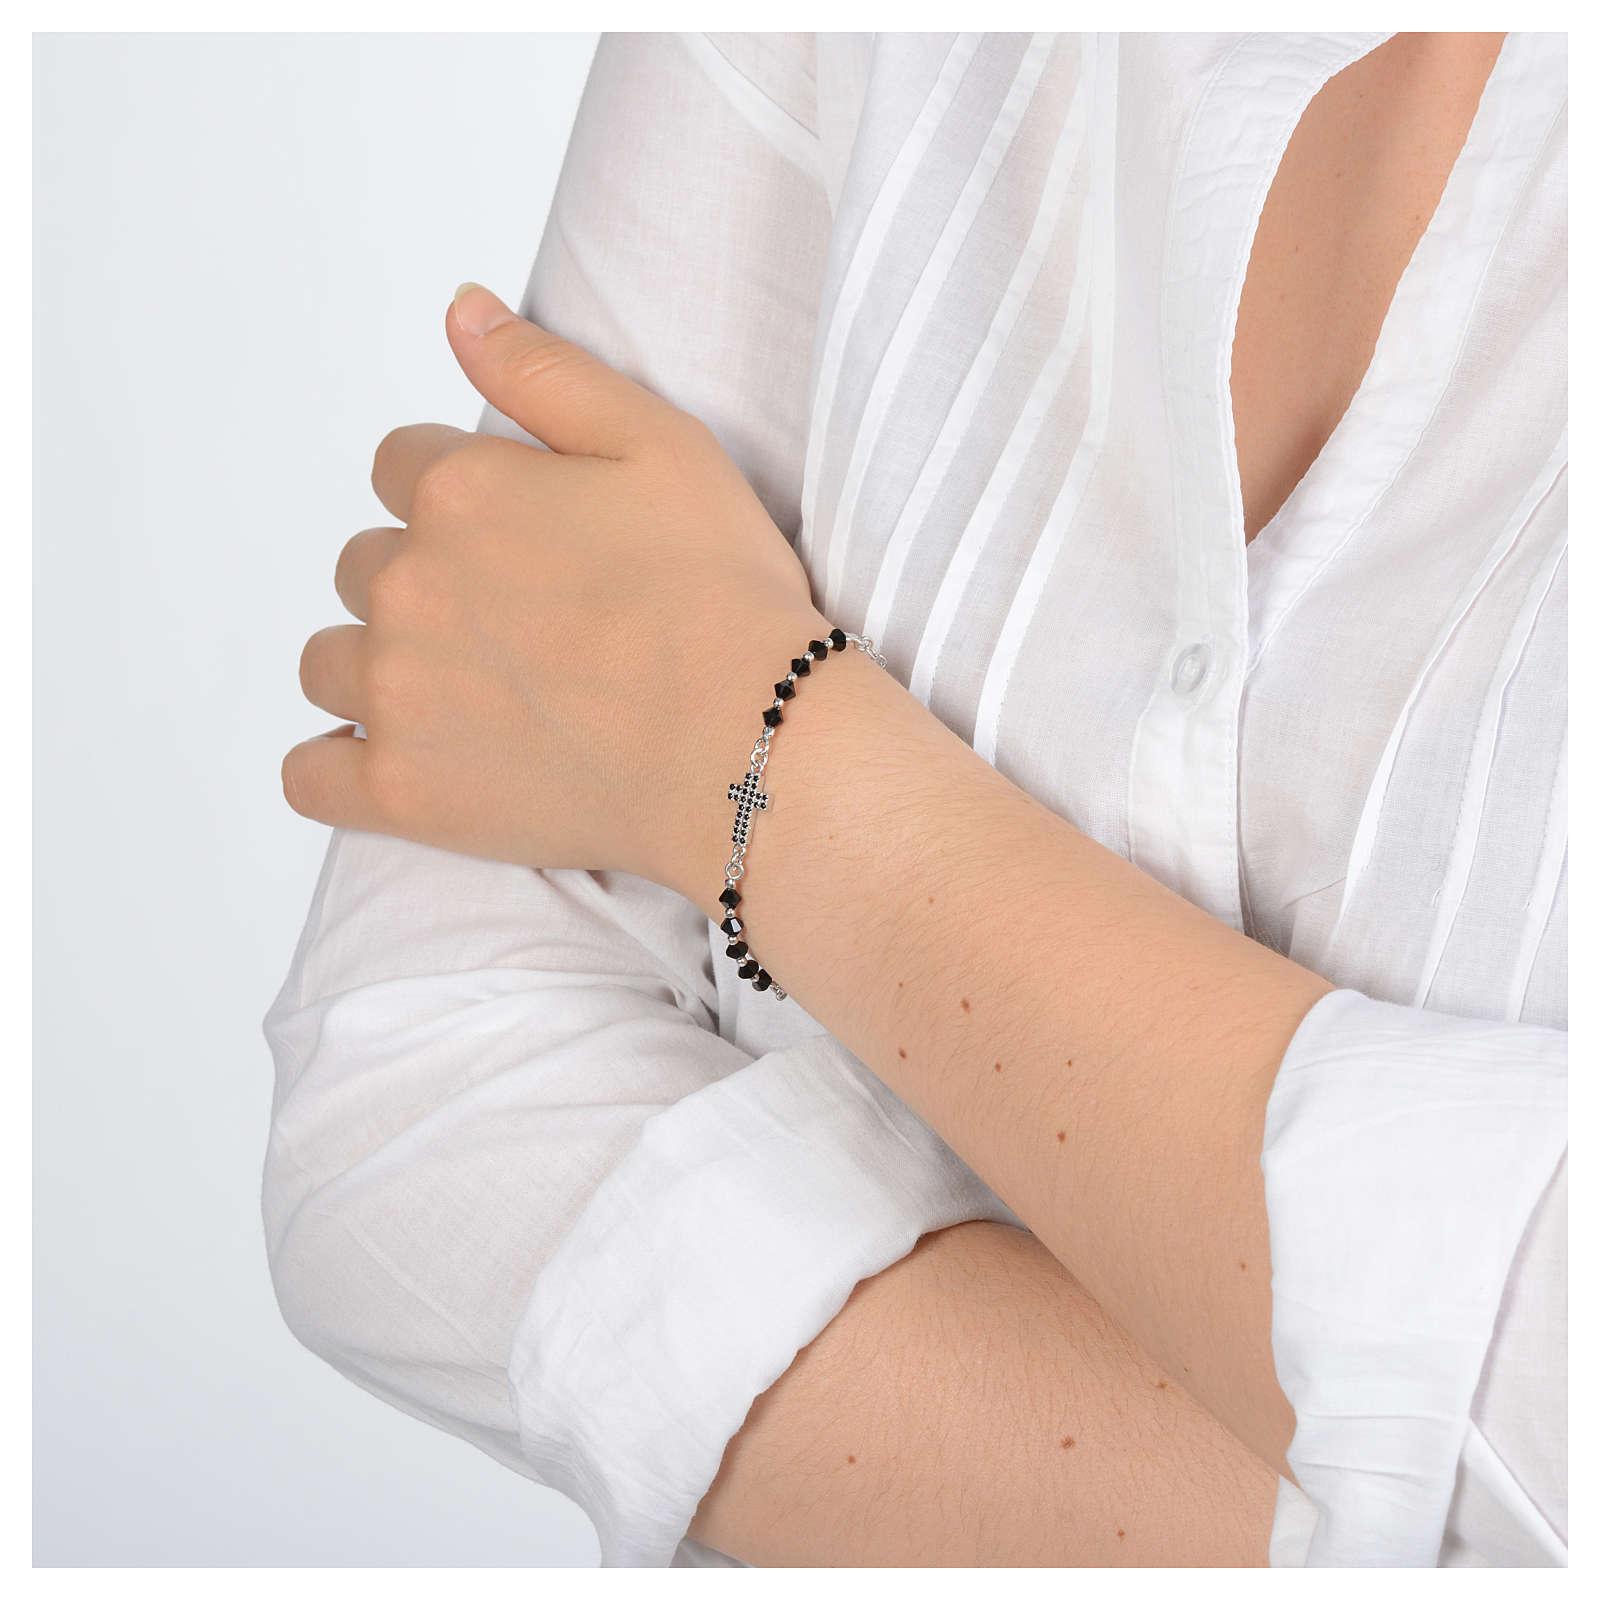 Bracelet chapelet en argent 925 avec zircons de couleur noir 4